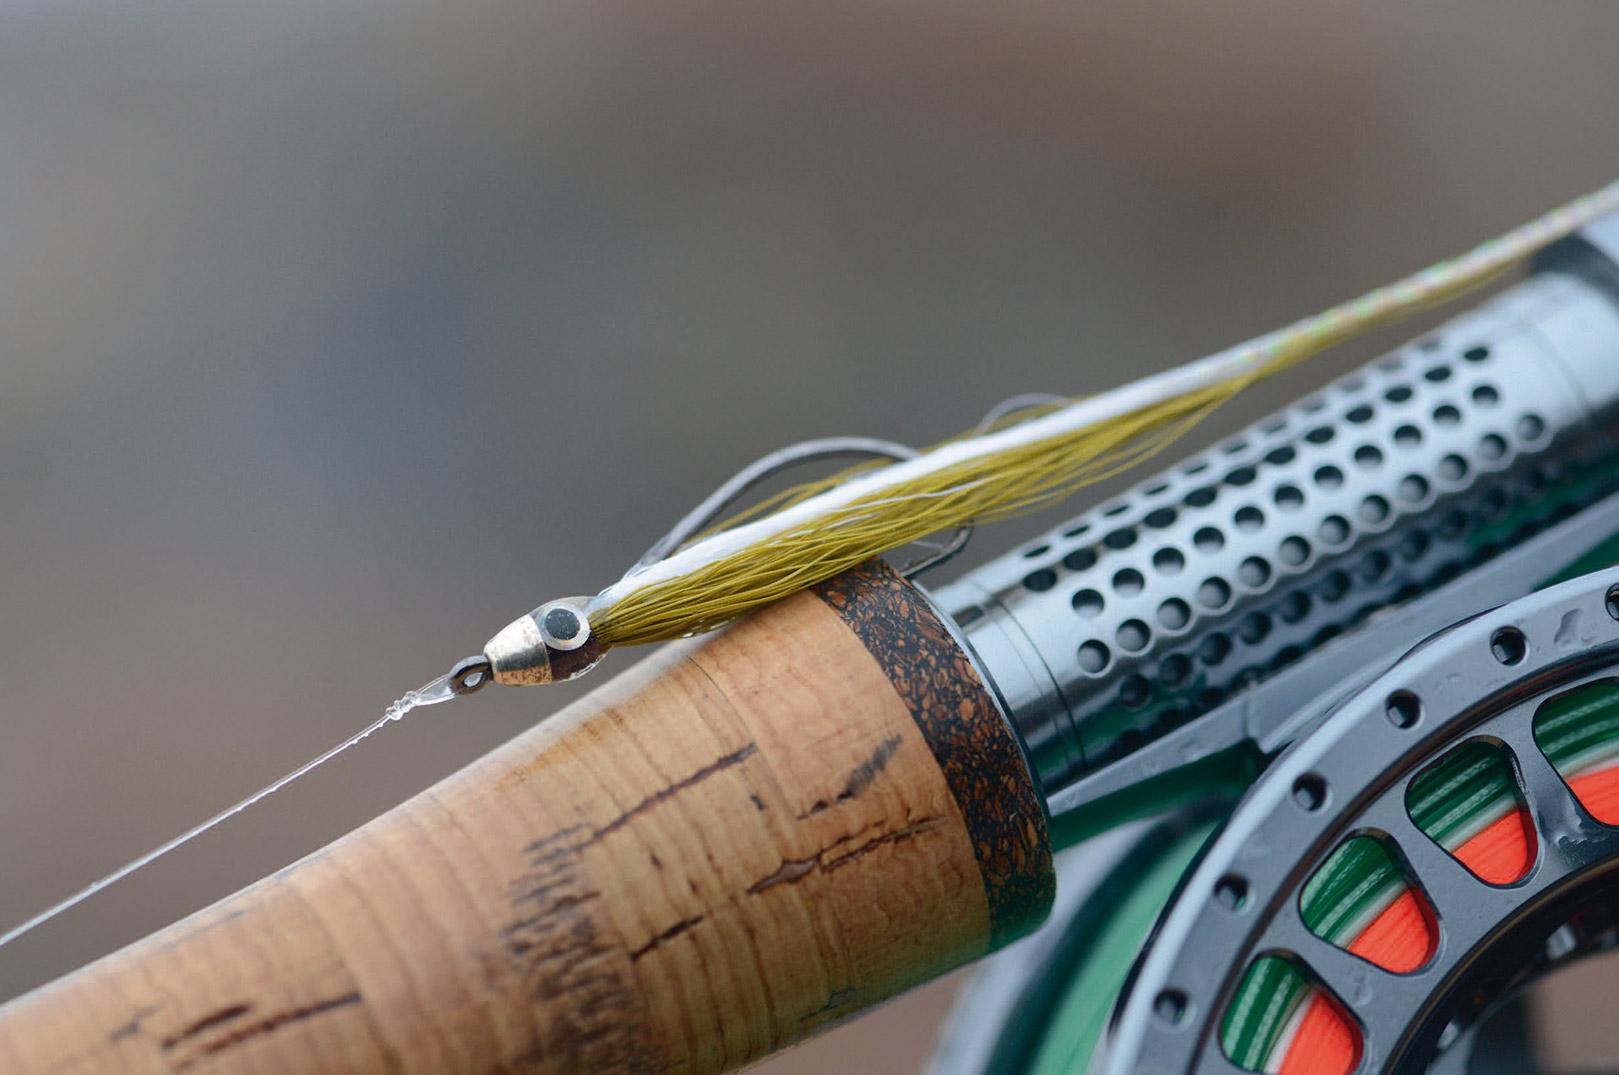 Alle kysteksperterne foretrækker letoprørt vand og lidt bølgegang, og her kan belastede fluer såsom jiggy være en fordel. De kan nemlig fiskes nede under den værste bølgegang og turbulens.